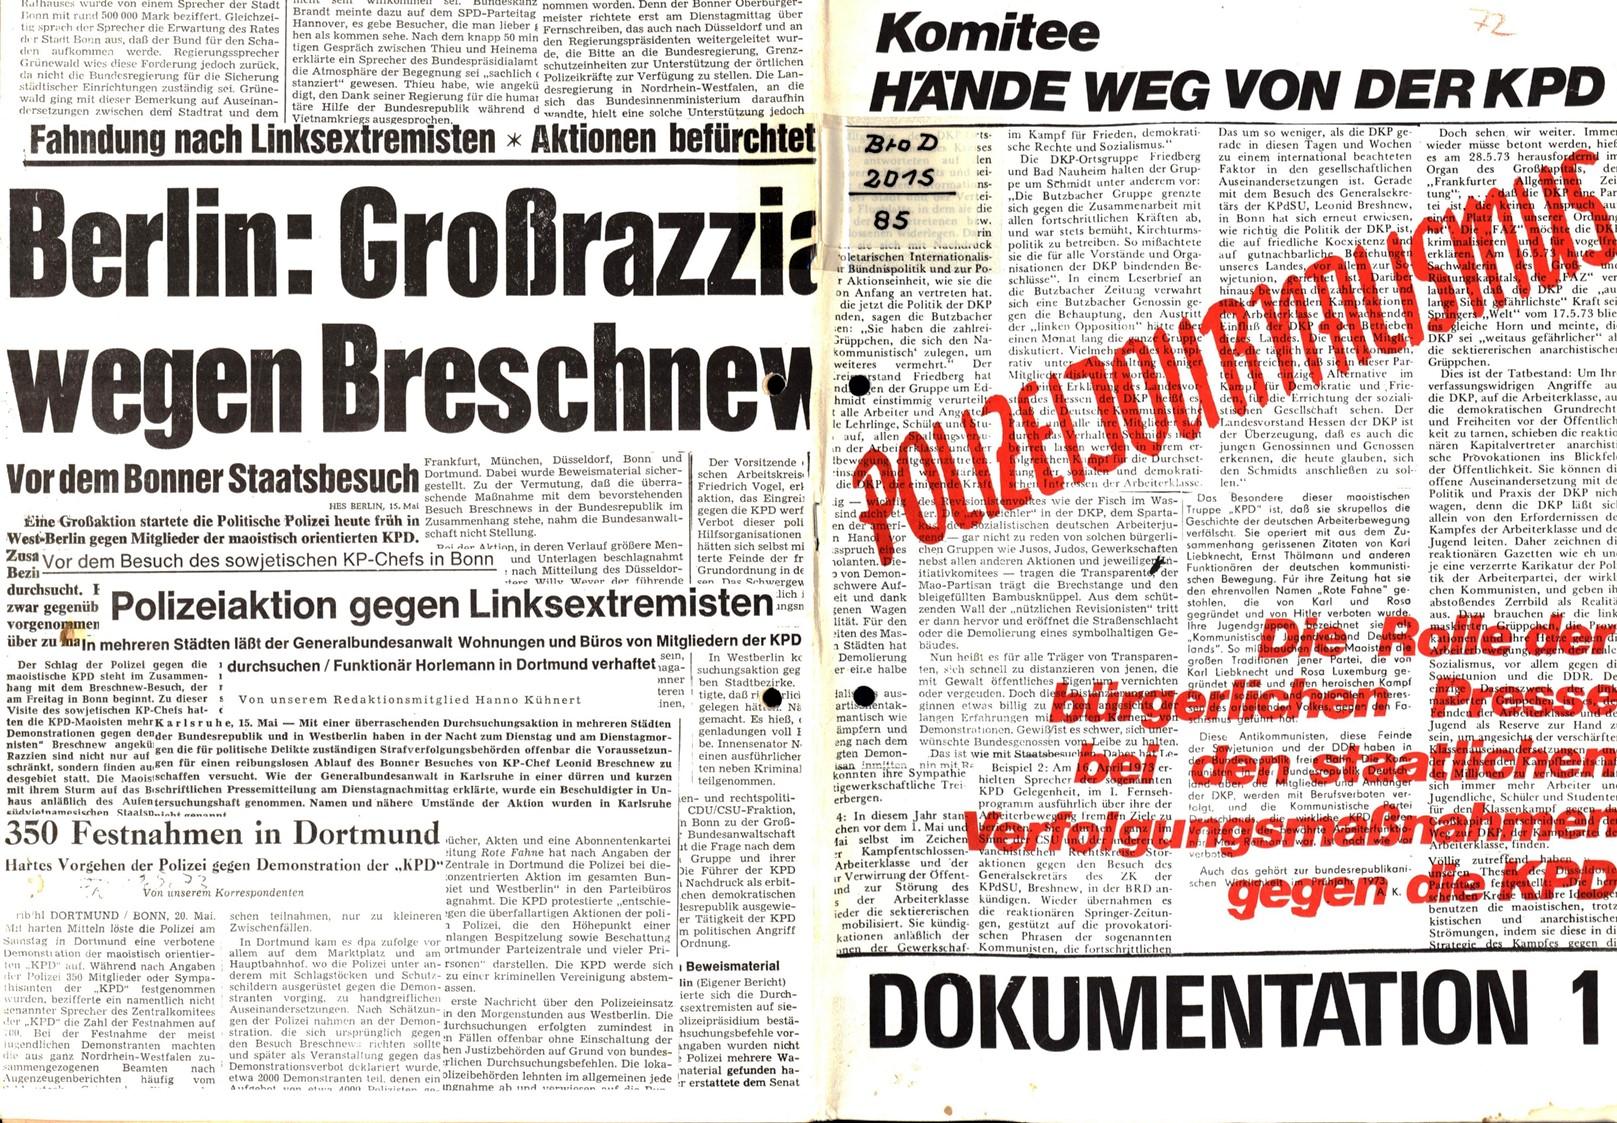 Komitee_Haende_weg_von_der_KPD_1973_Polizeijournalismus_01